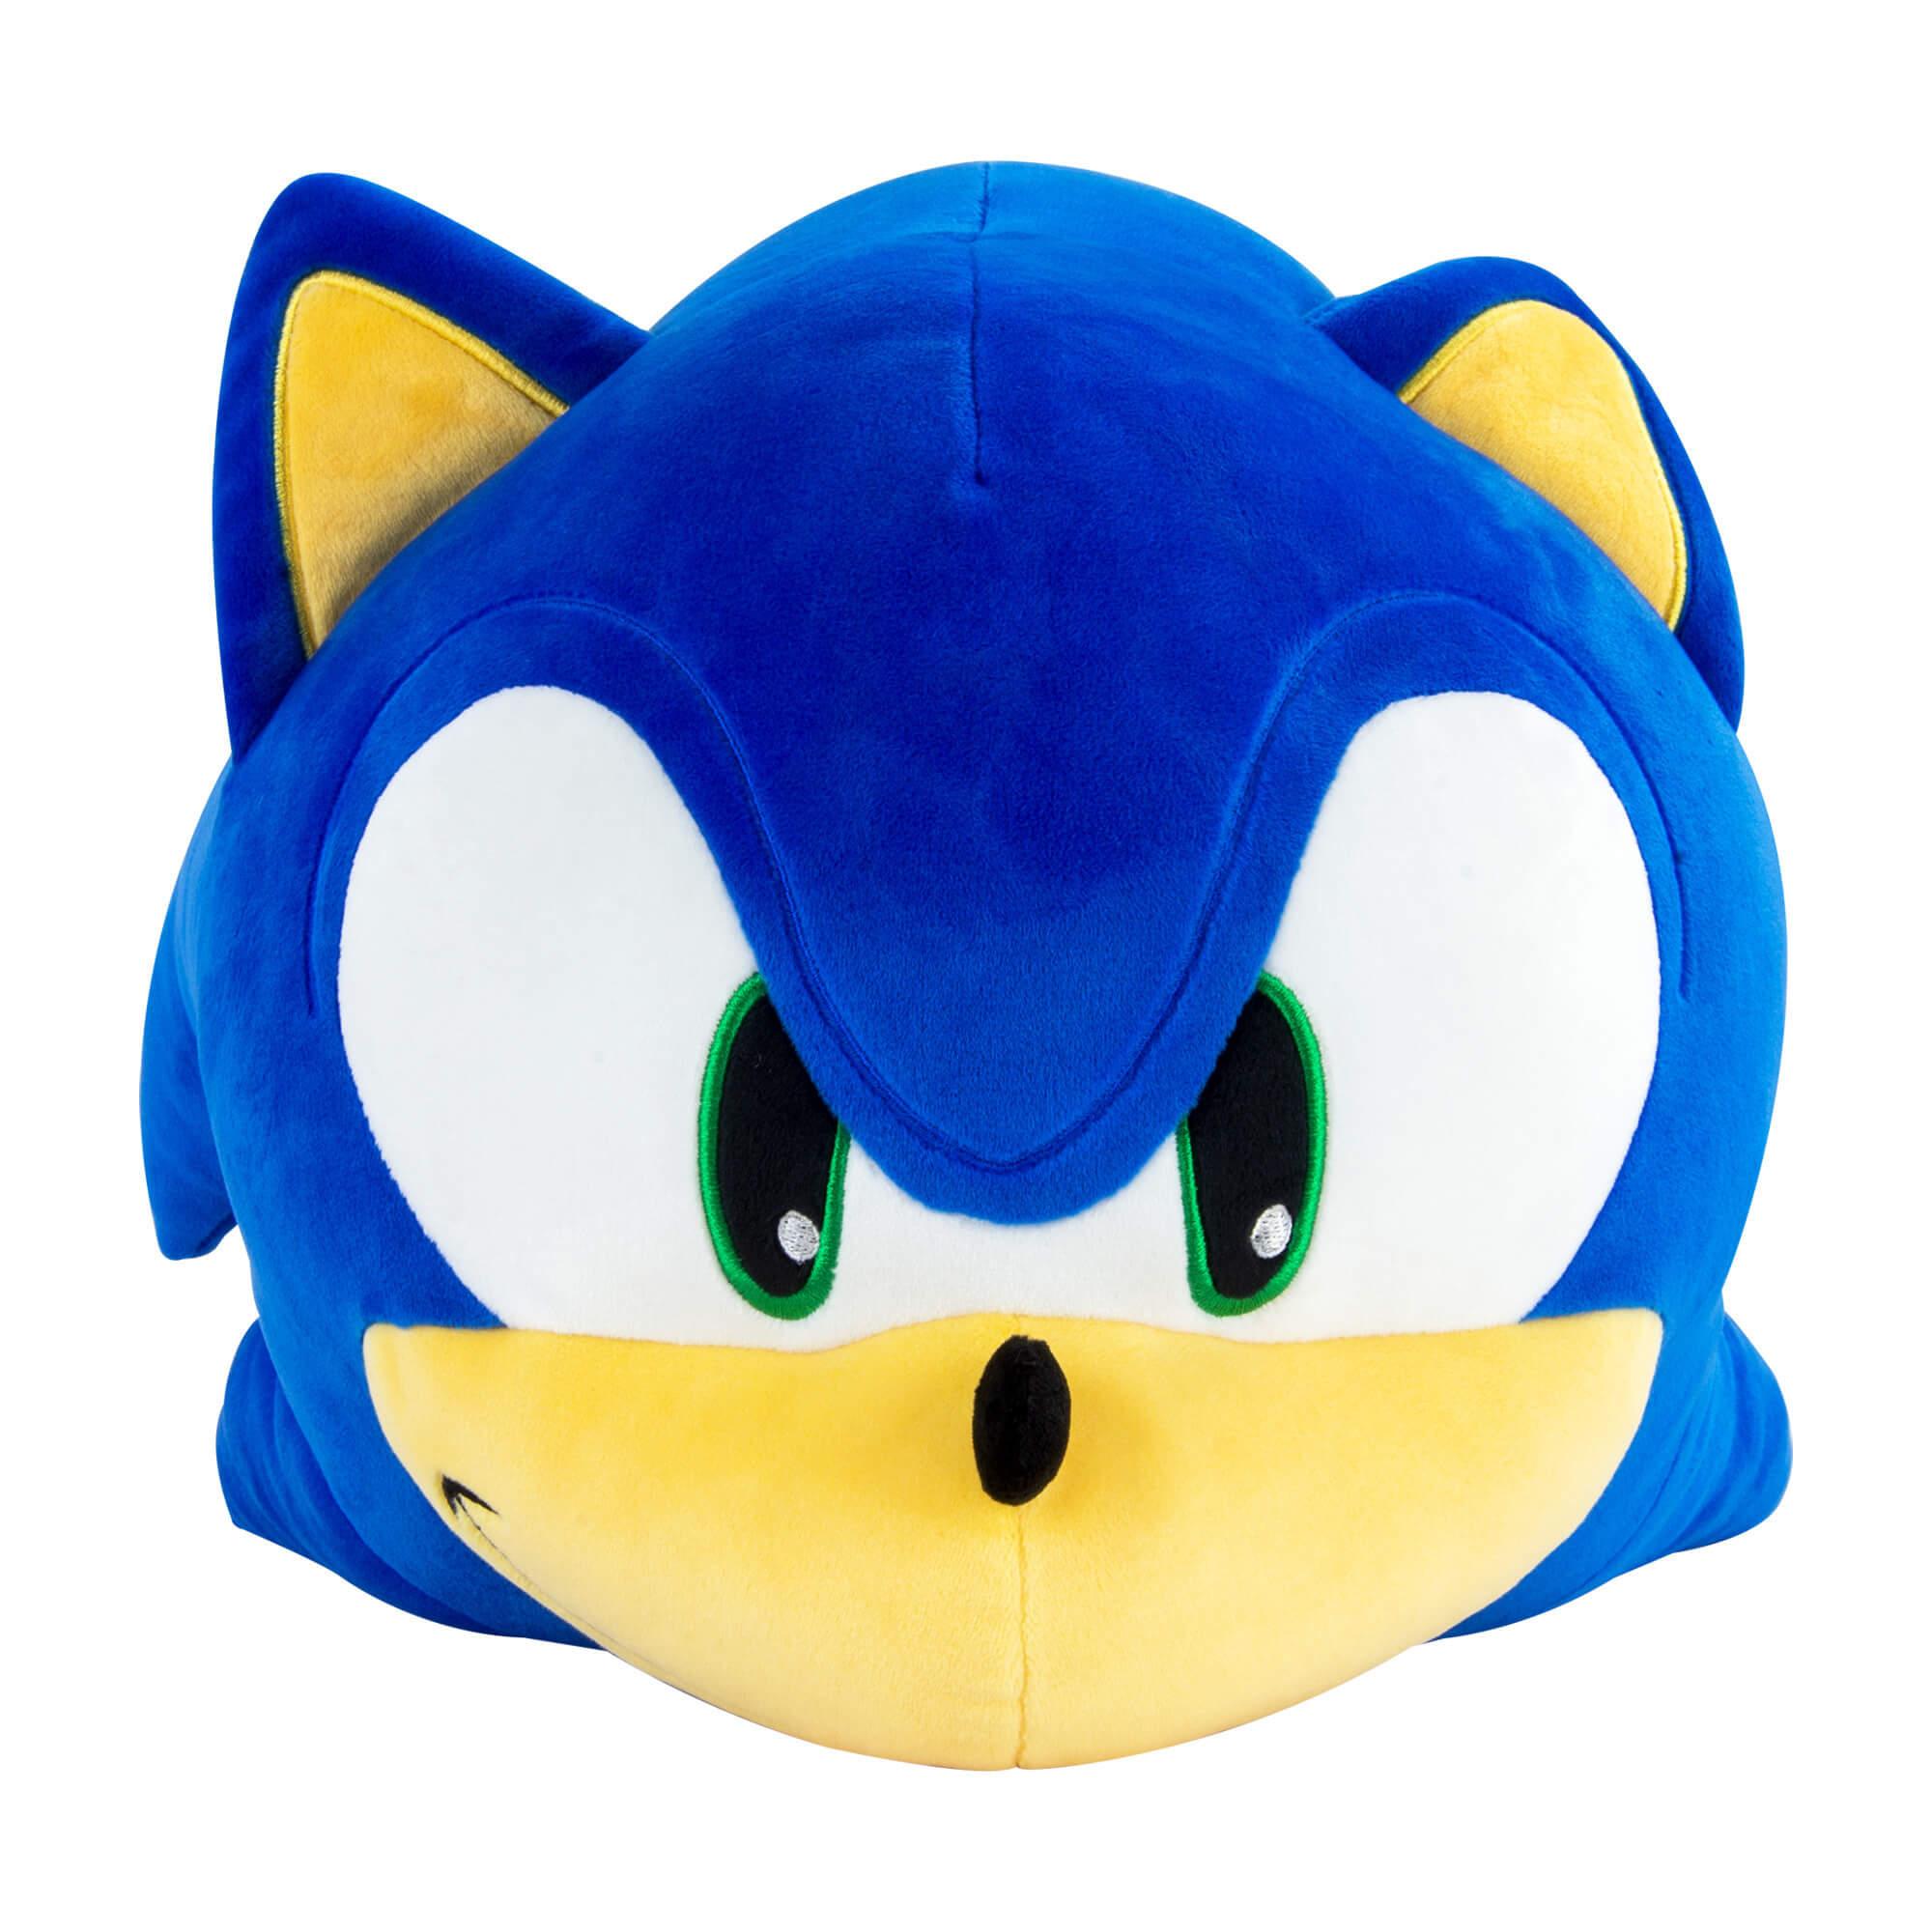 RS34027_T12419-Sonic-lpr